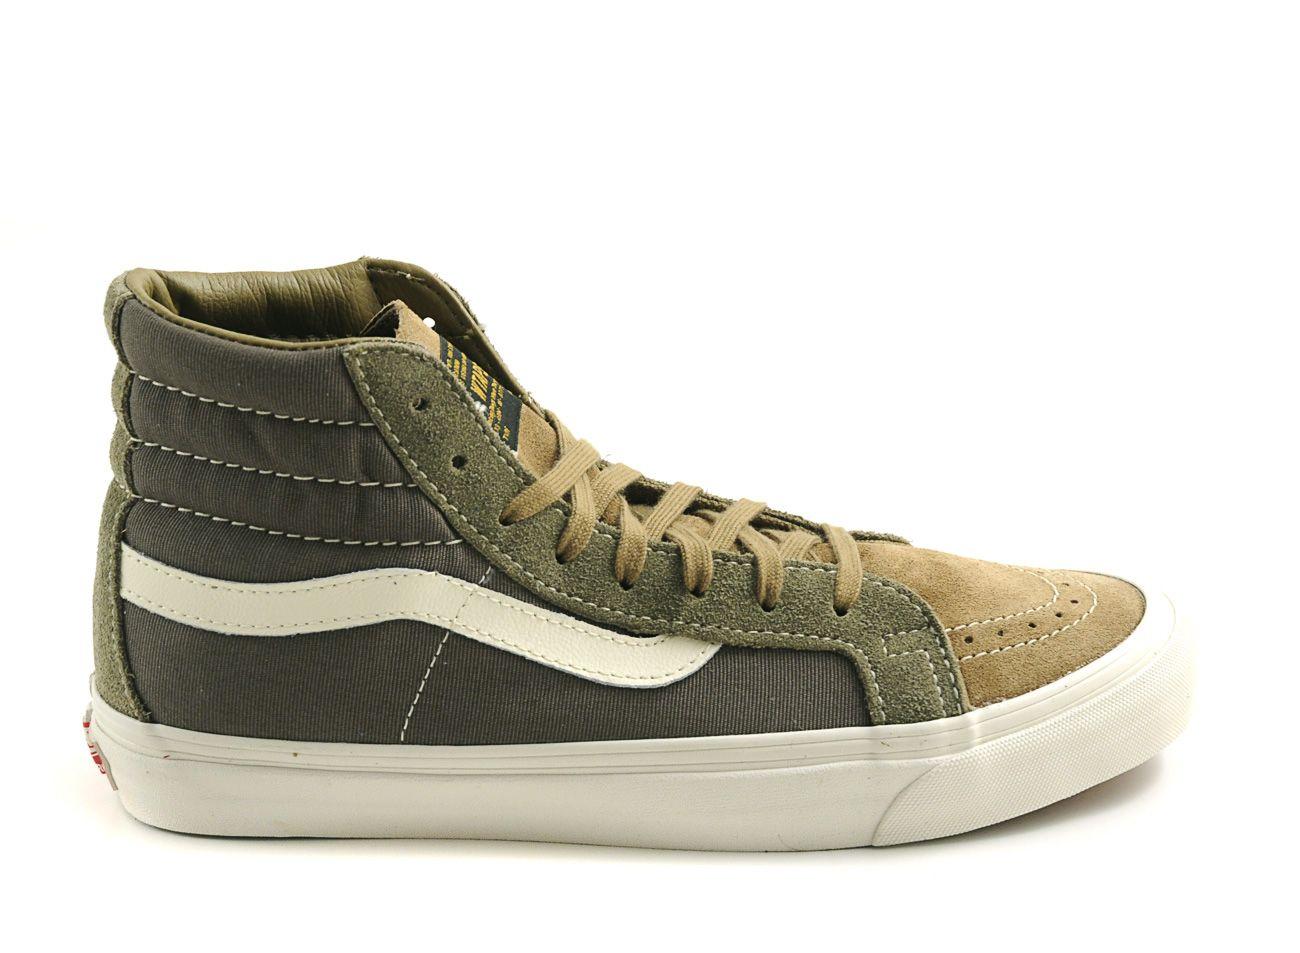 f94c0e97752a82 Vans - Green Og Classic Sk8 Hi Lx Wtaps Olive Drab Brown